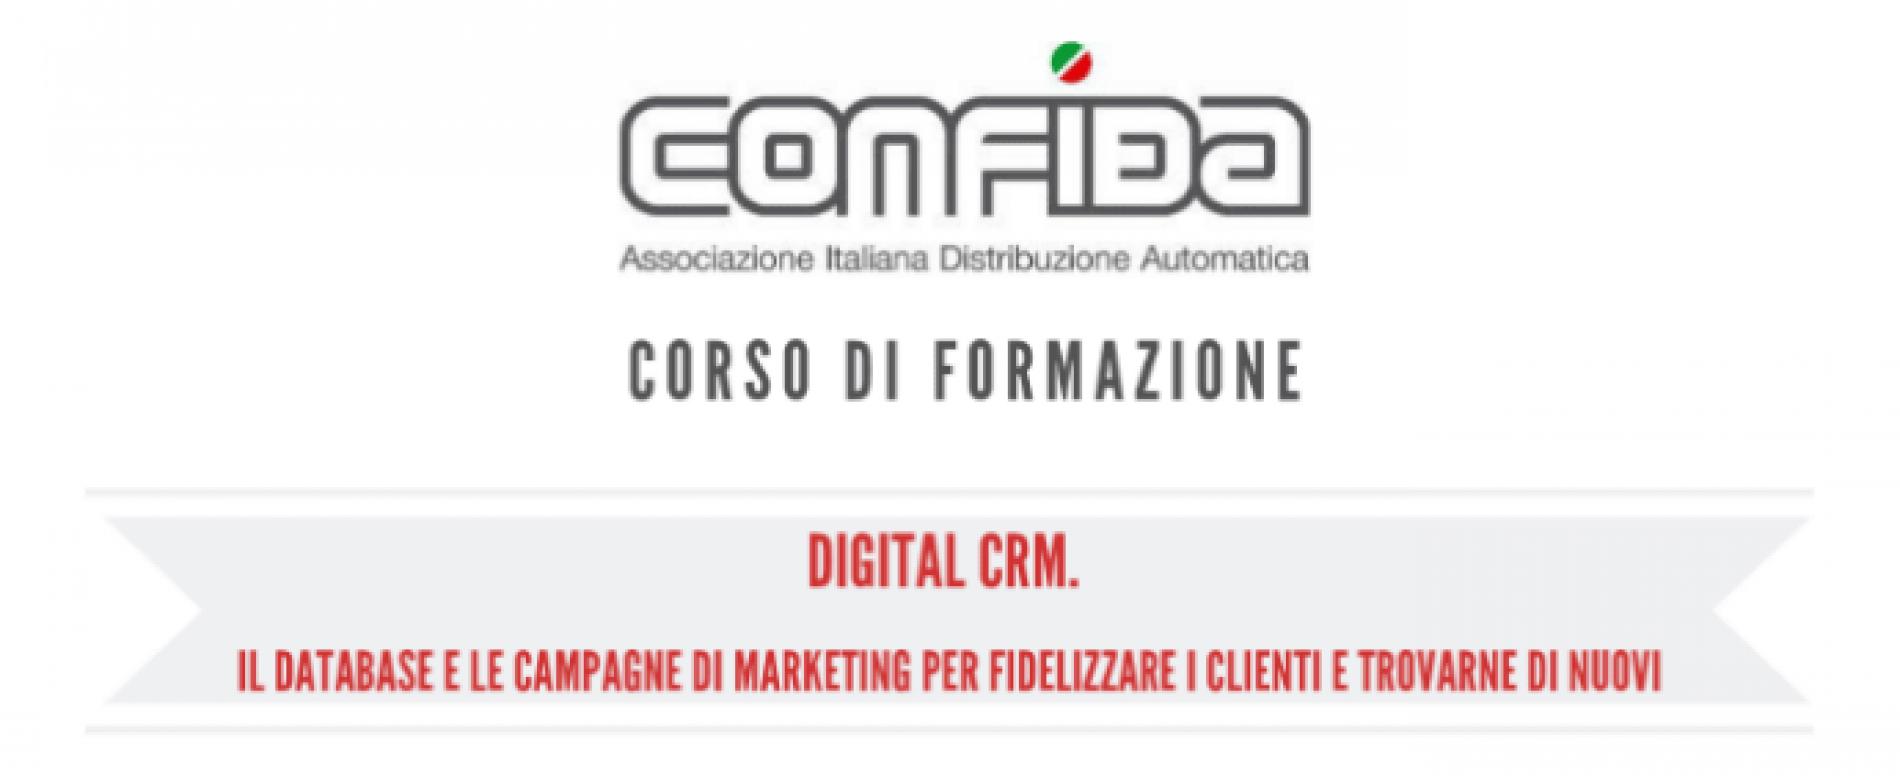 CONFIDA. Corso di formazione sul web marketing